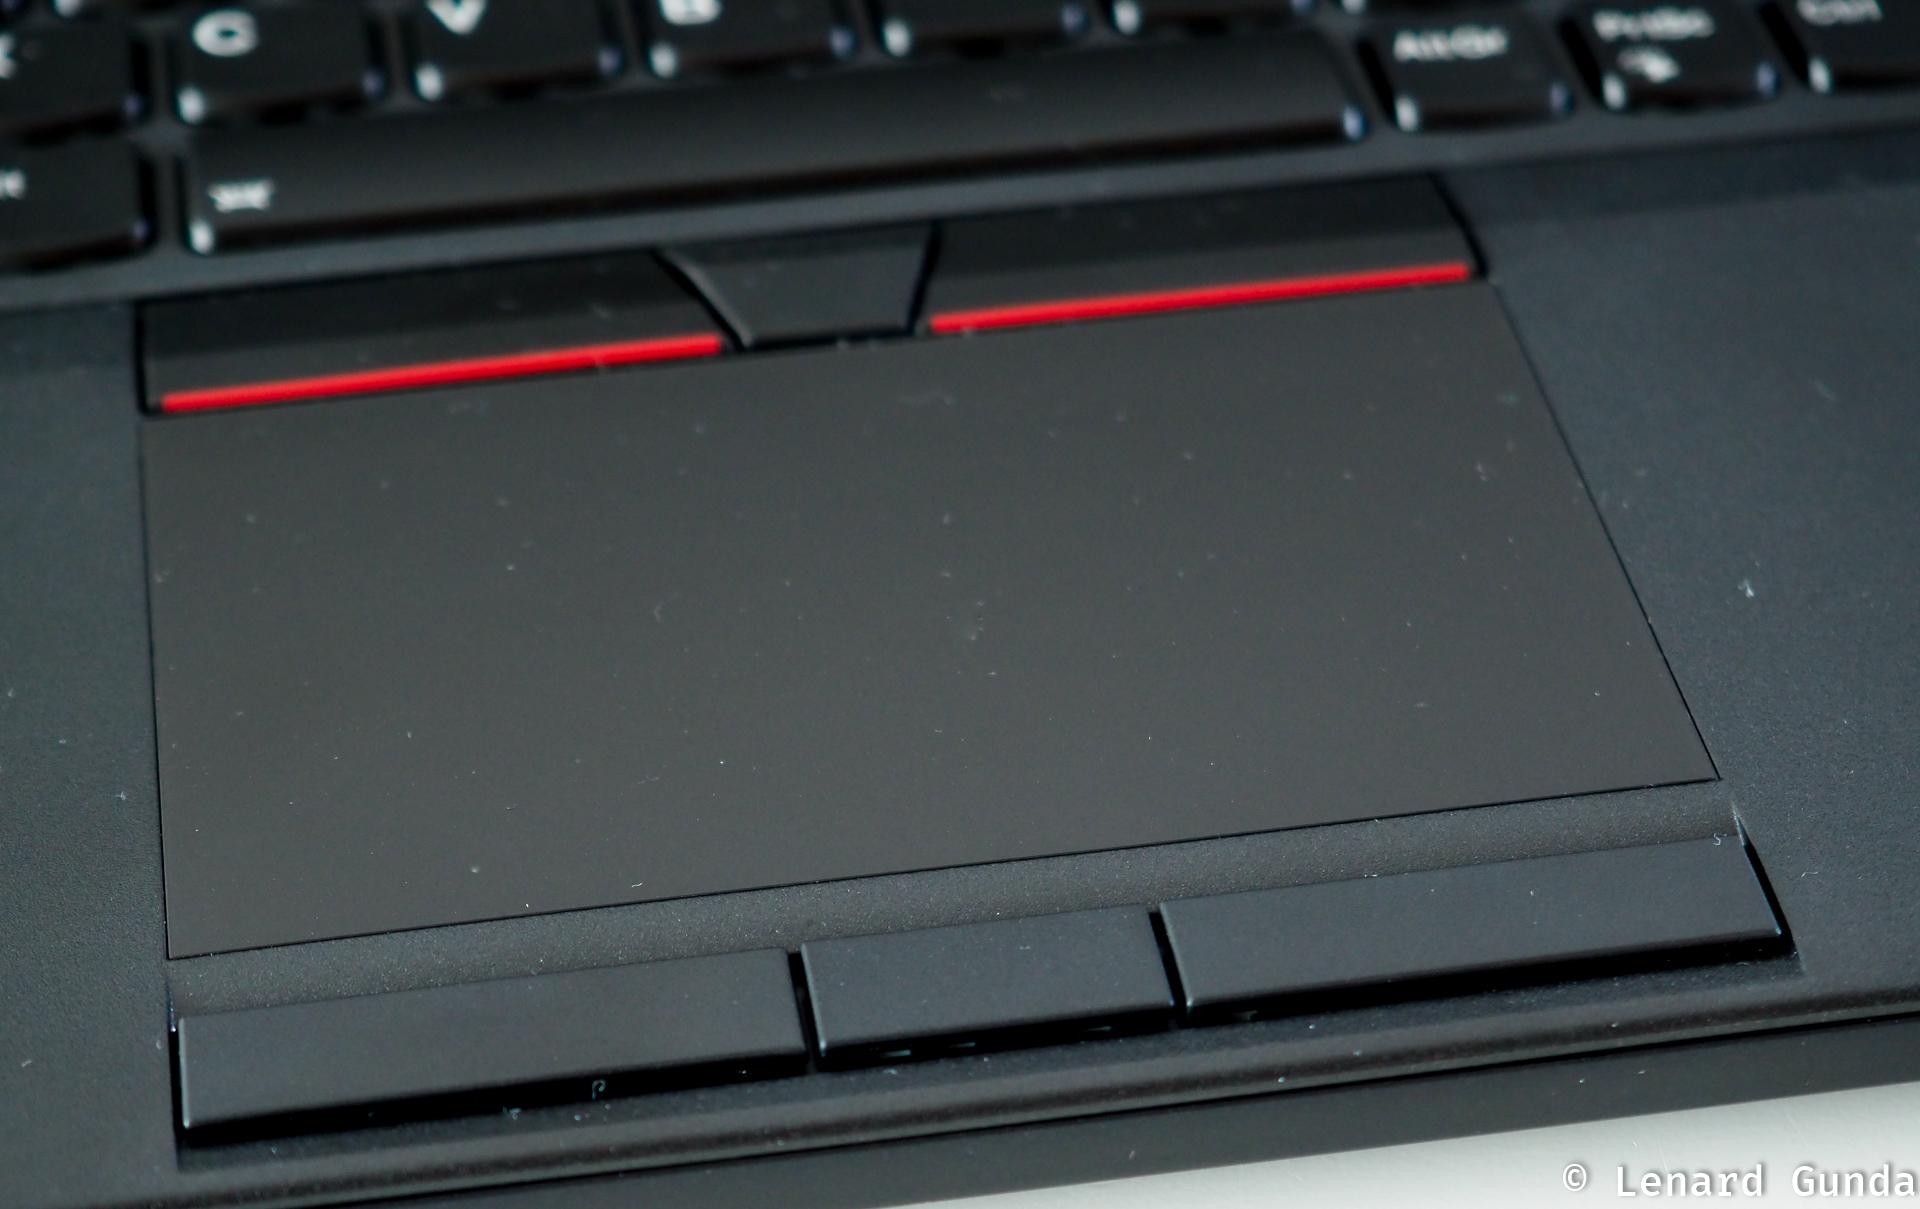 ThinkPad P52 hands on review - LenardGunda com